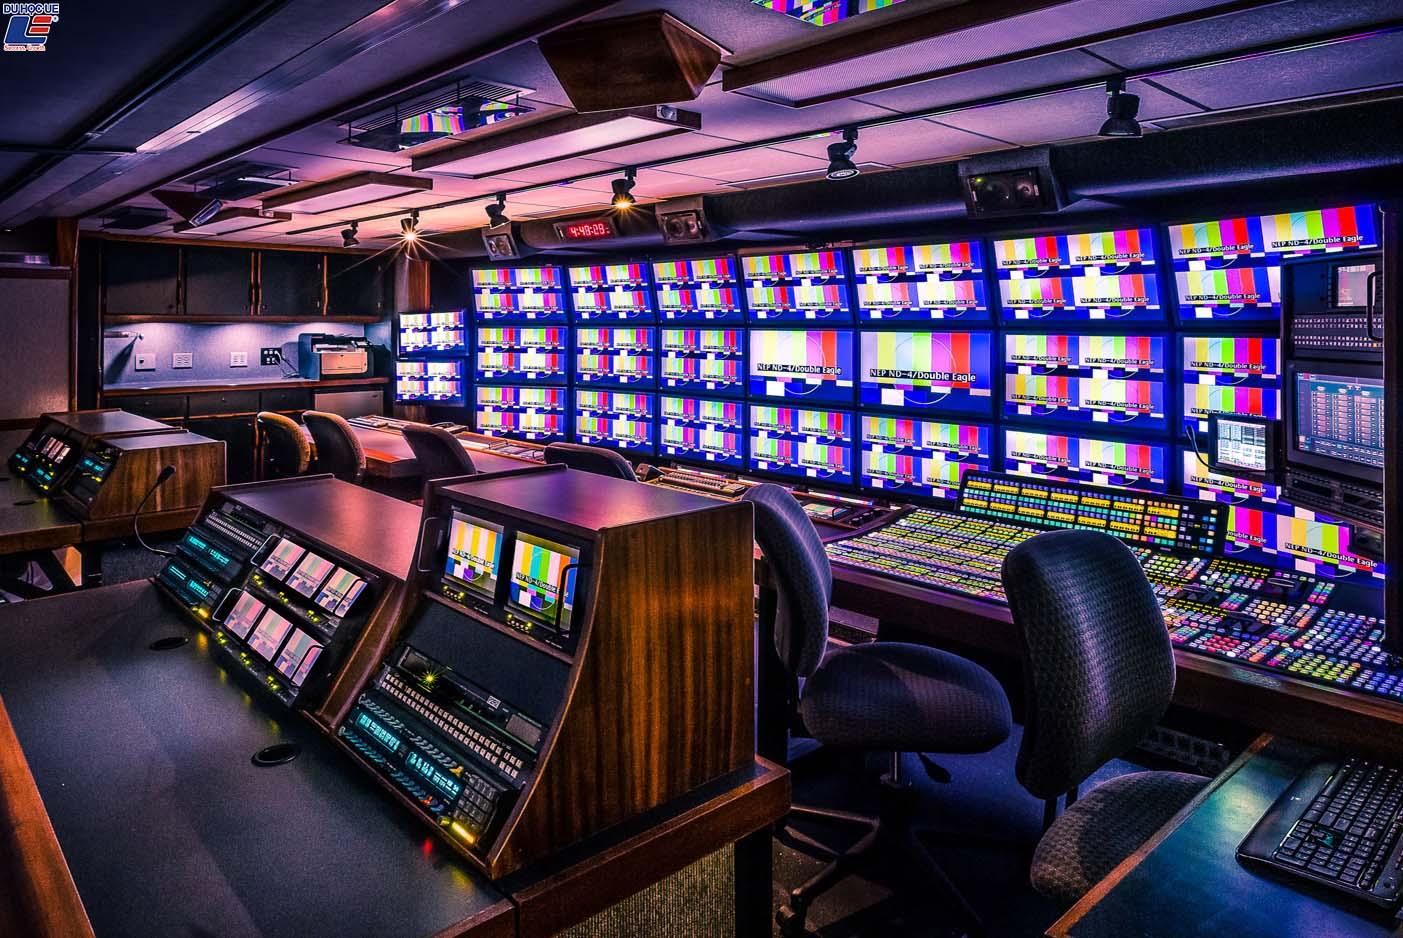 3 trường phát thanh truyền hình hàng đầu ở Mỹ